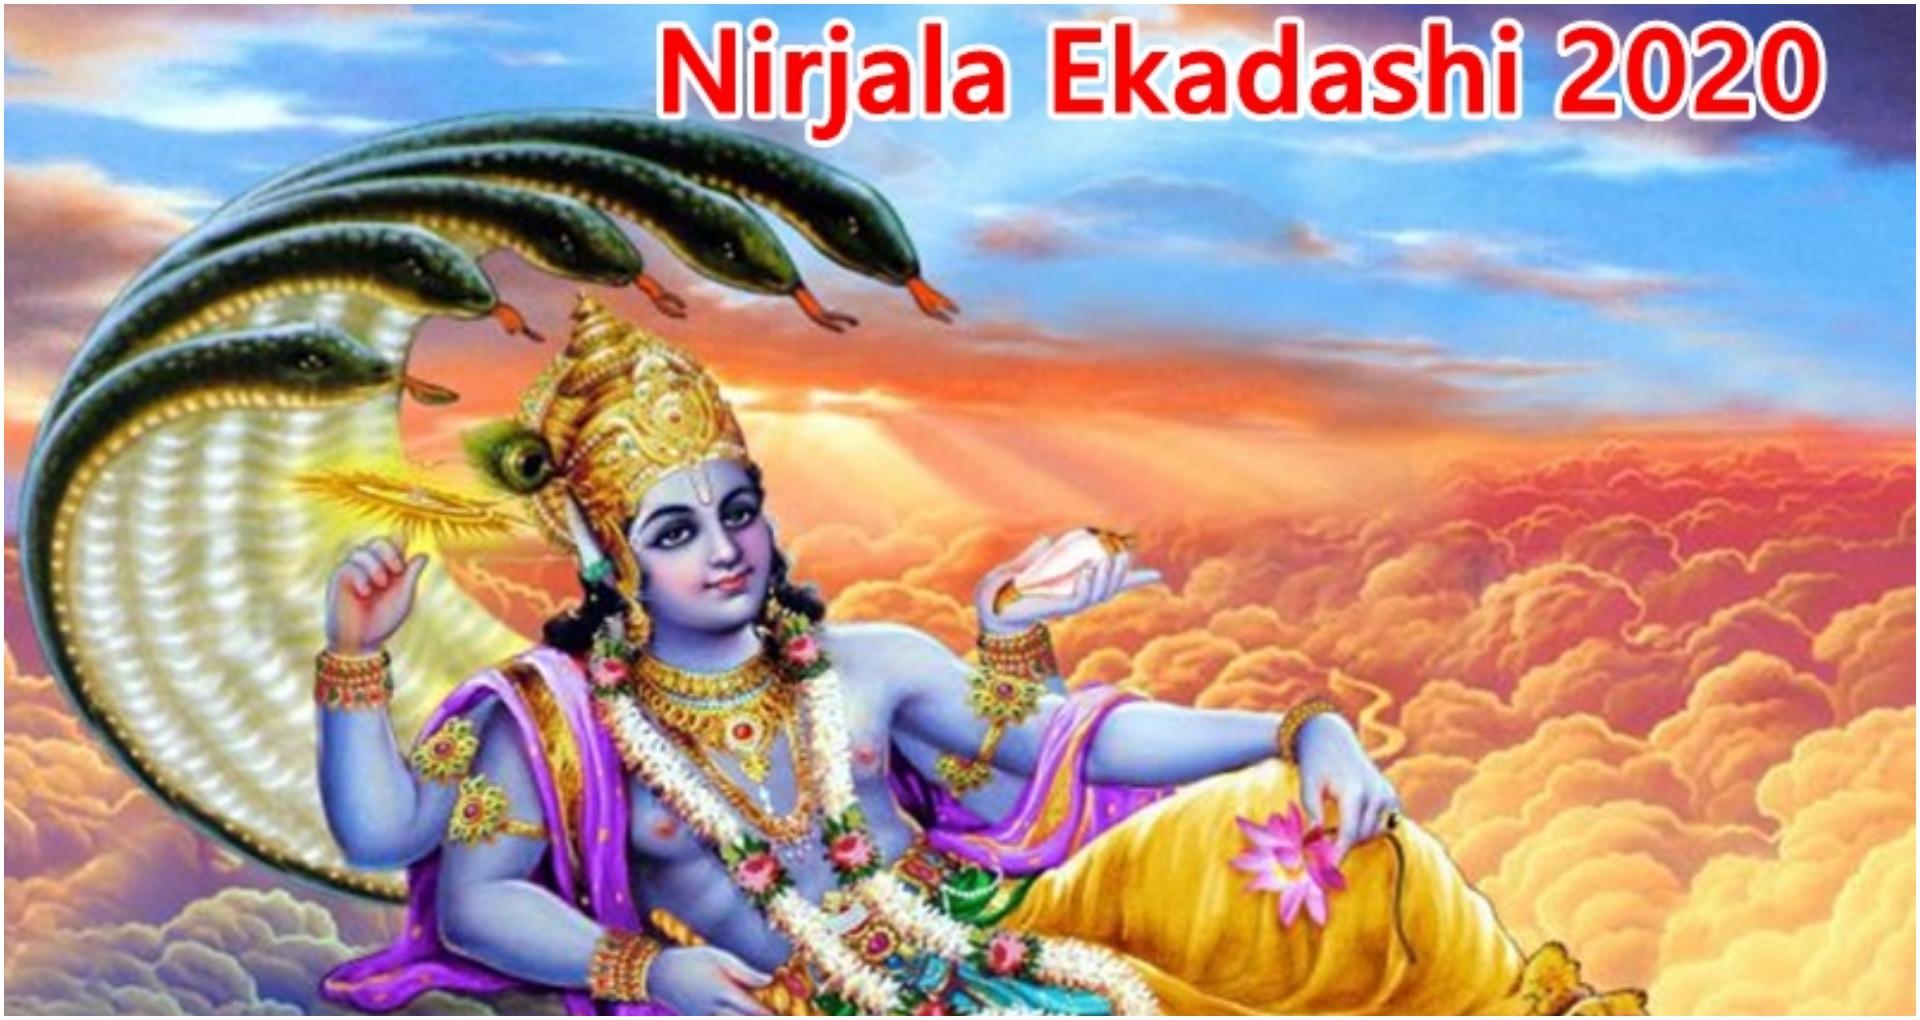 Nirjala Ekadashi 2020 Wishes: निर्जला एकादशी के अवसर पर प्रियजनों को दें प्यार भरे मैसेज से शुभकामनाएं